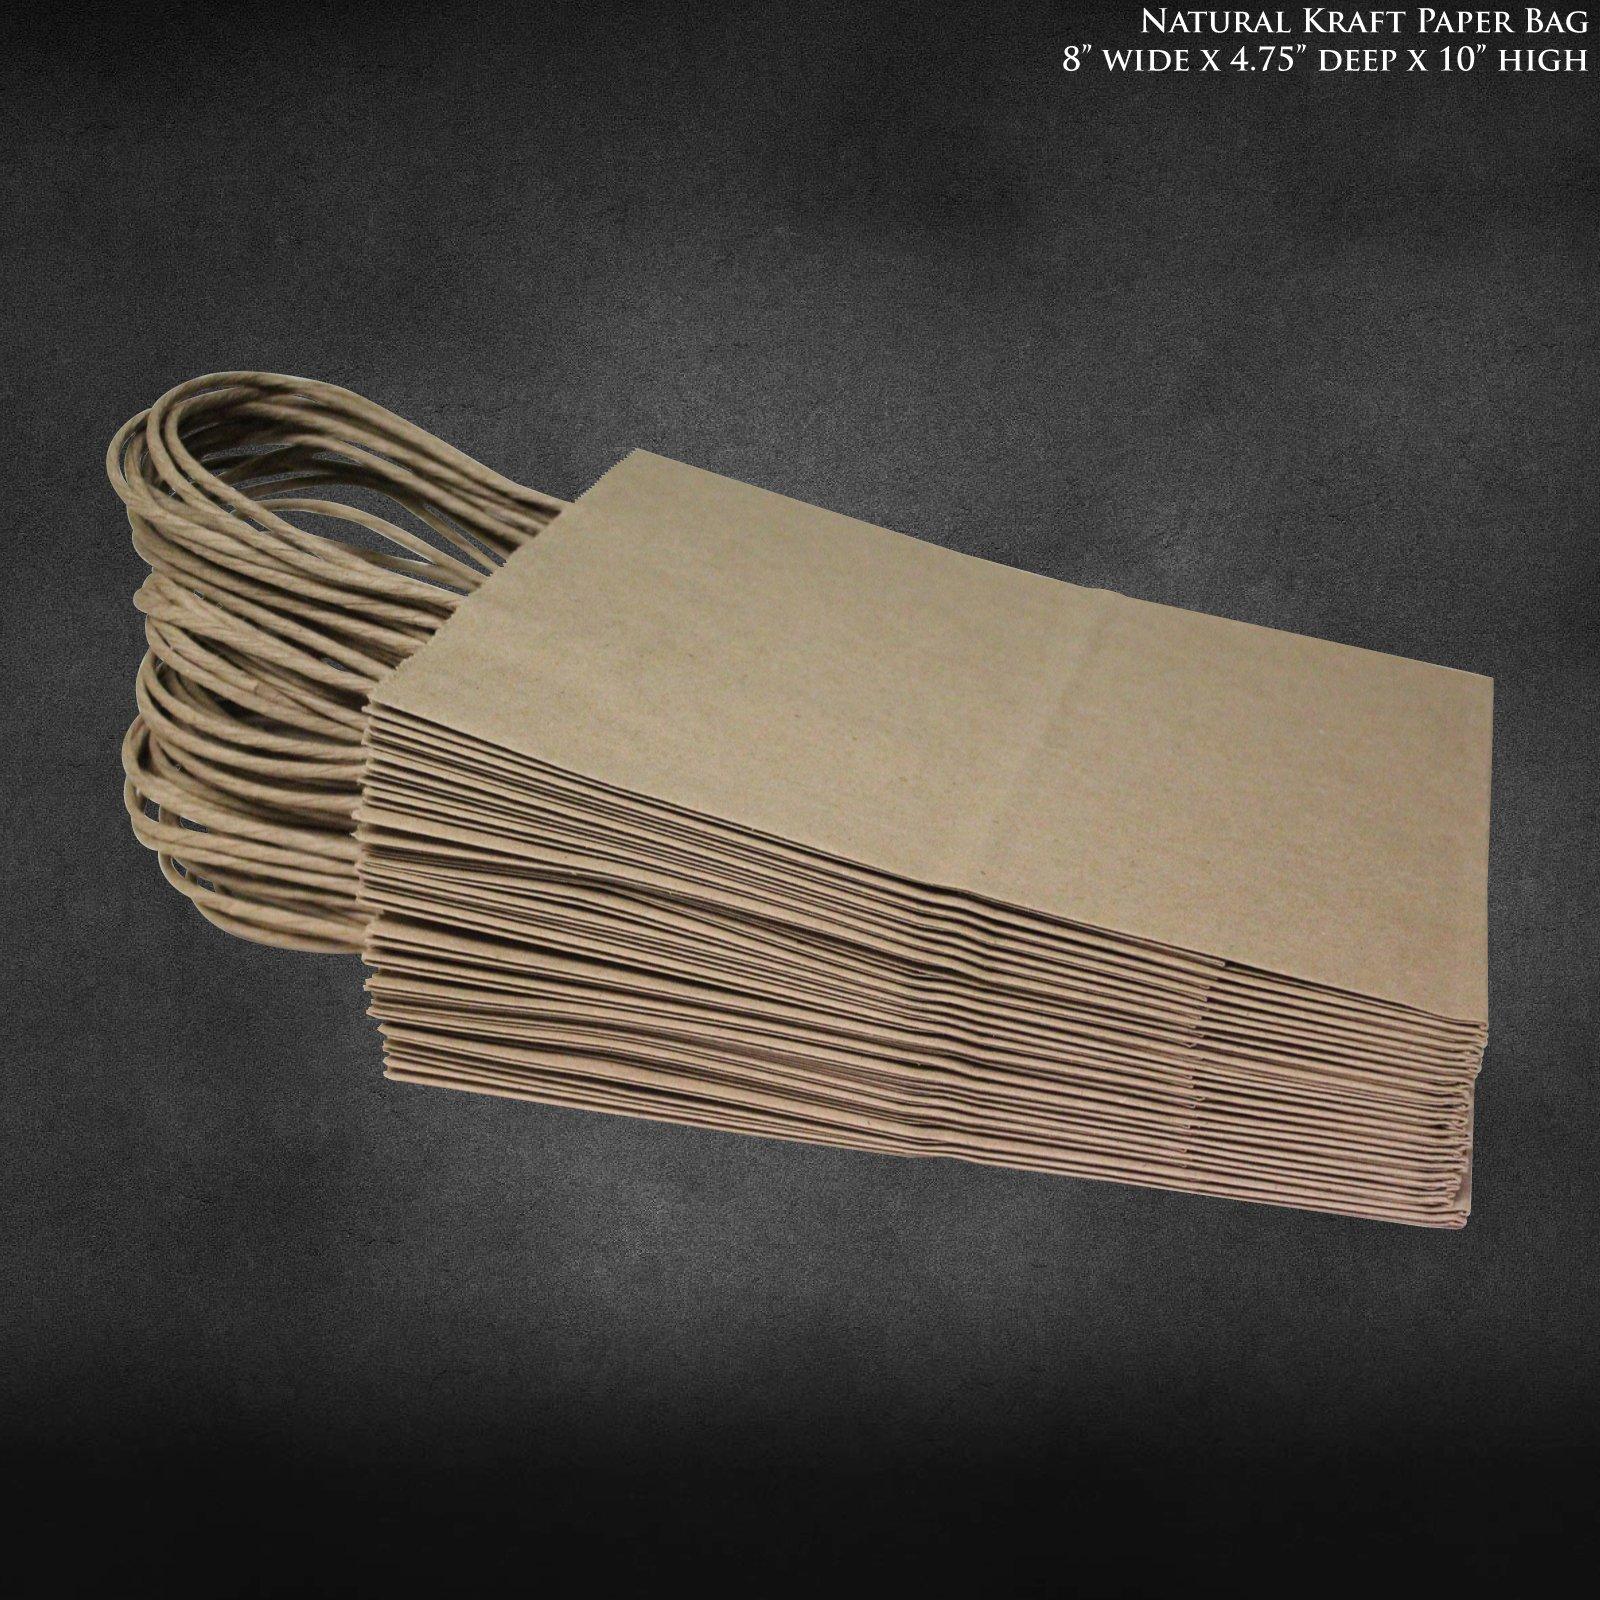 8''x4.75''x10'' 50 pcs- Brown Kraft Paper Bags Shopping Bags Party Bags Retail Bags Craft Bags Brown Bag Natural Bag